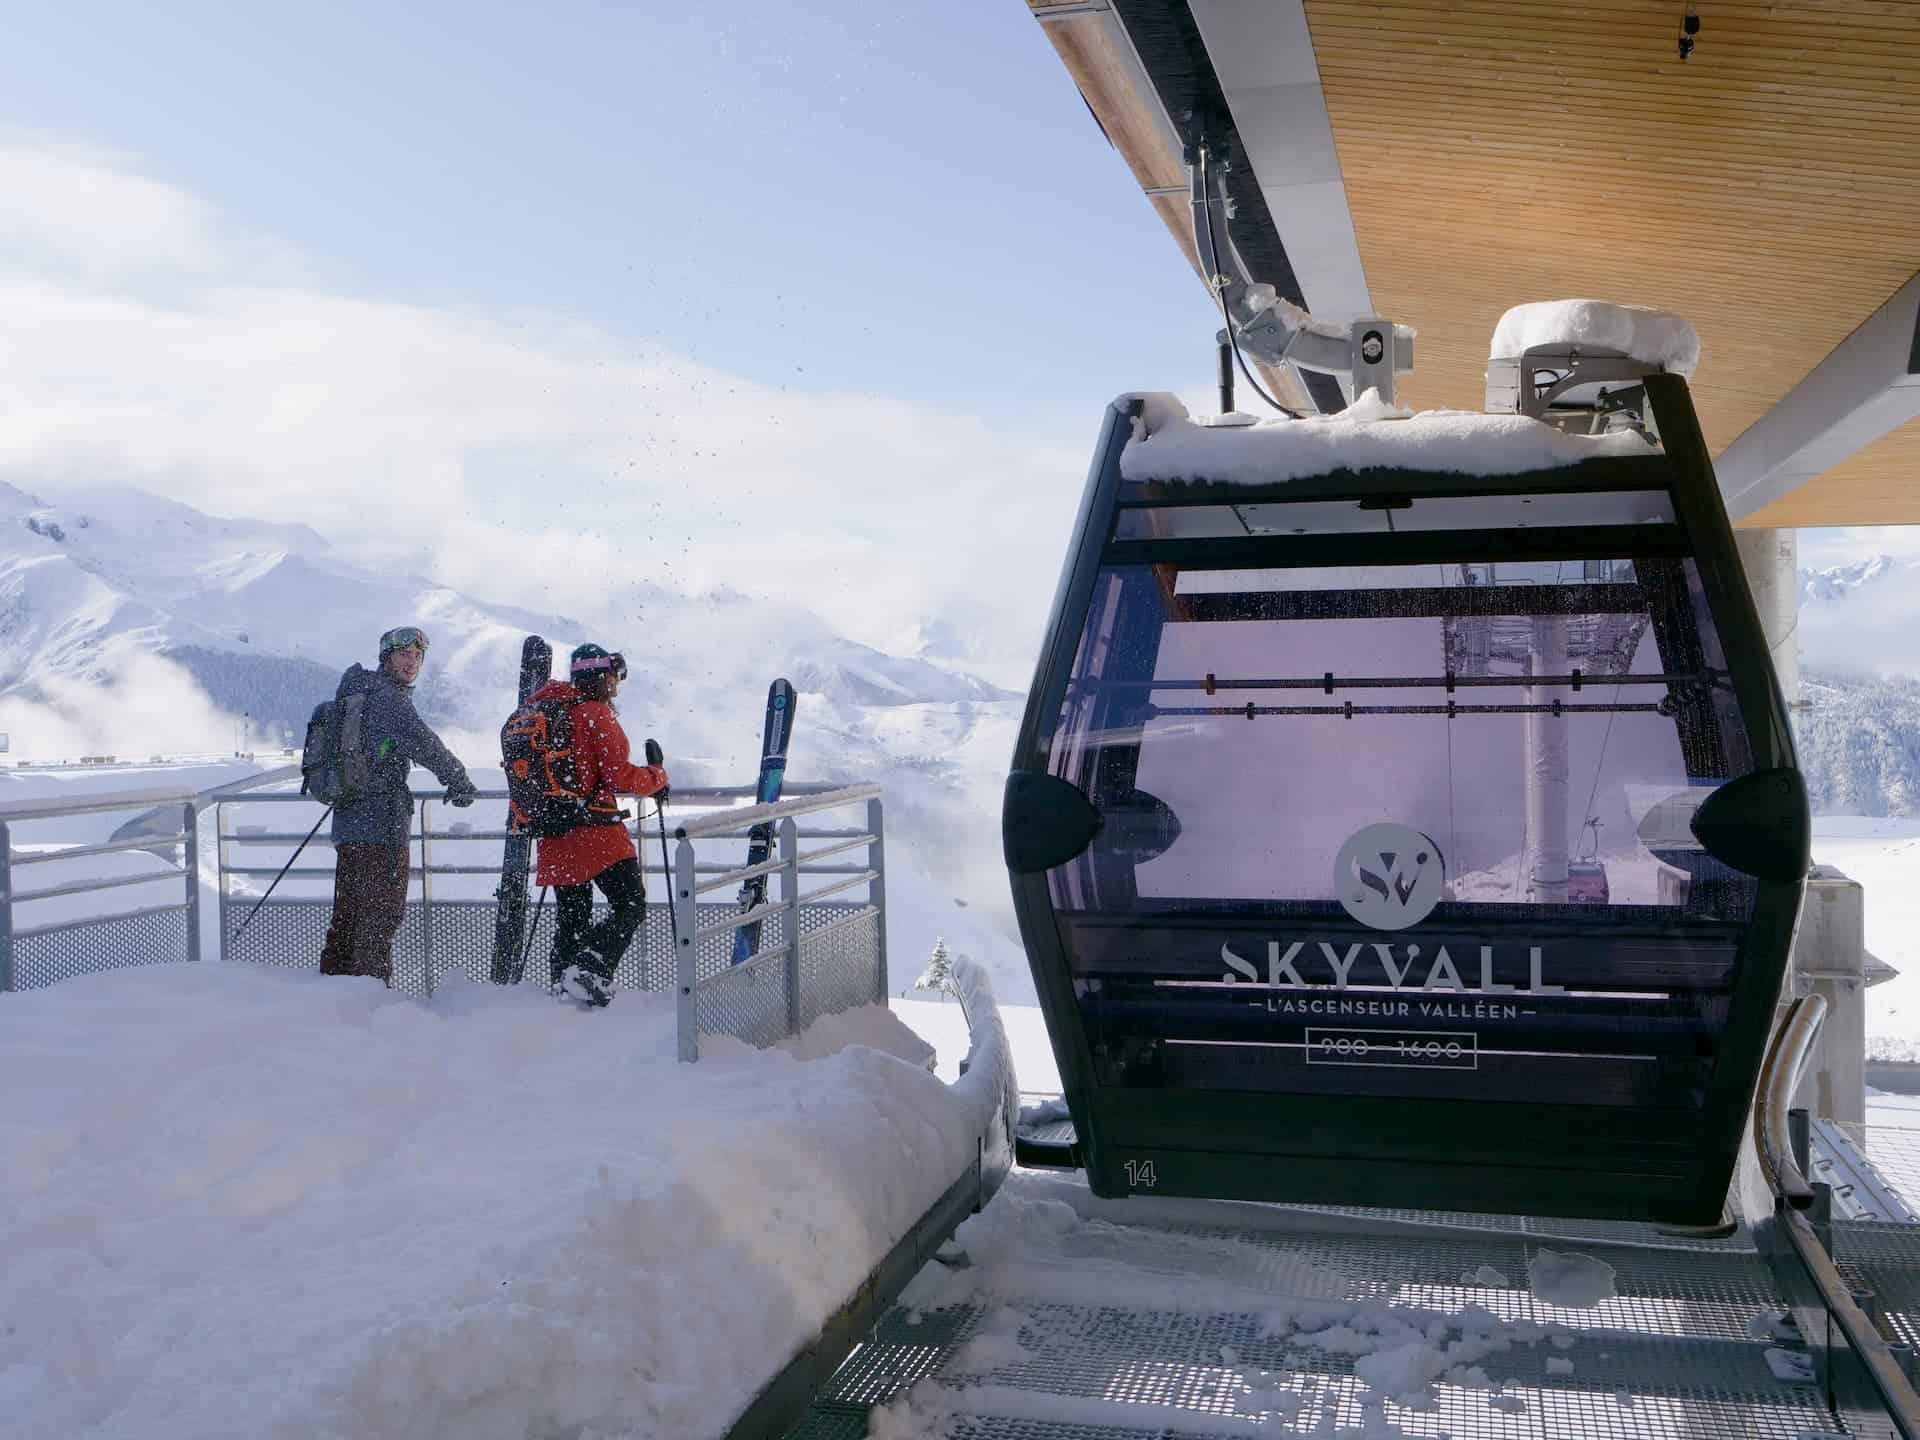 La télécabine Skyvall pour rejoindre la vallée